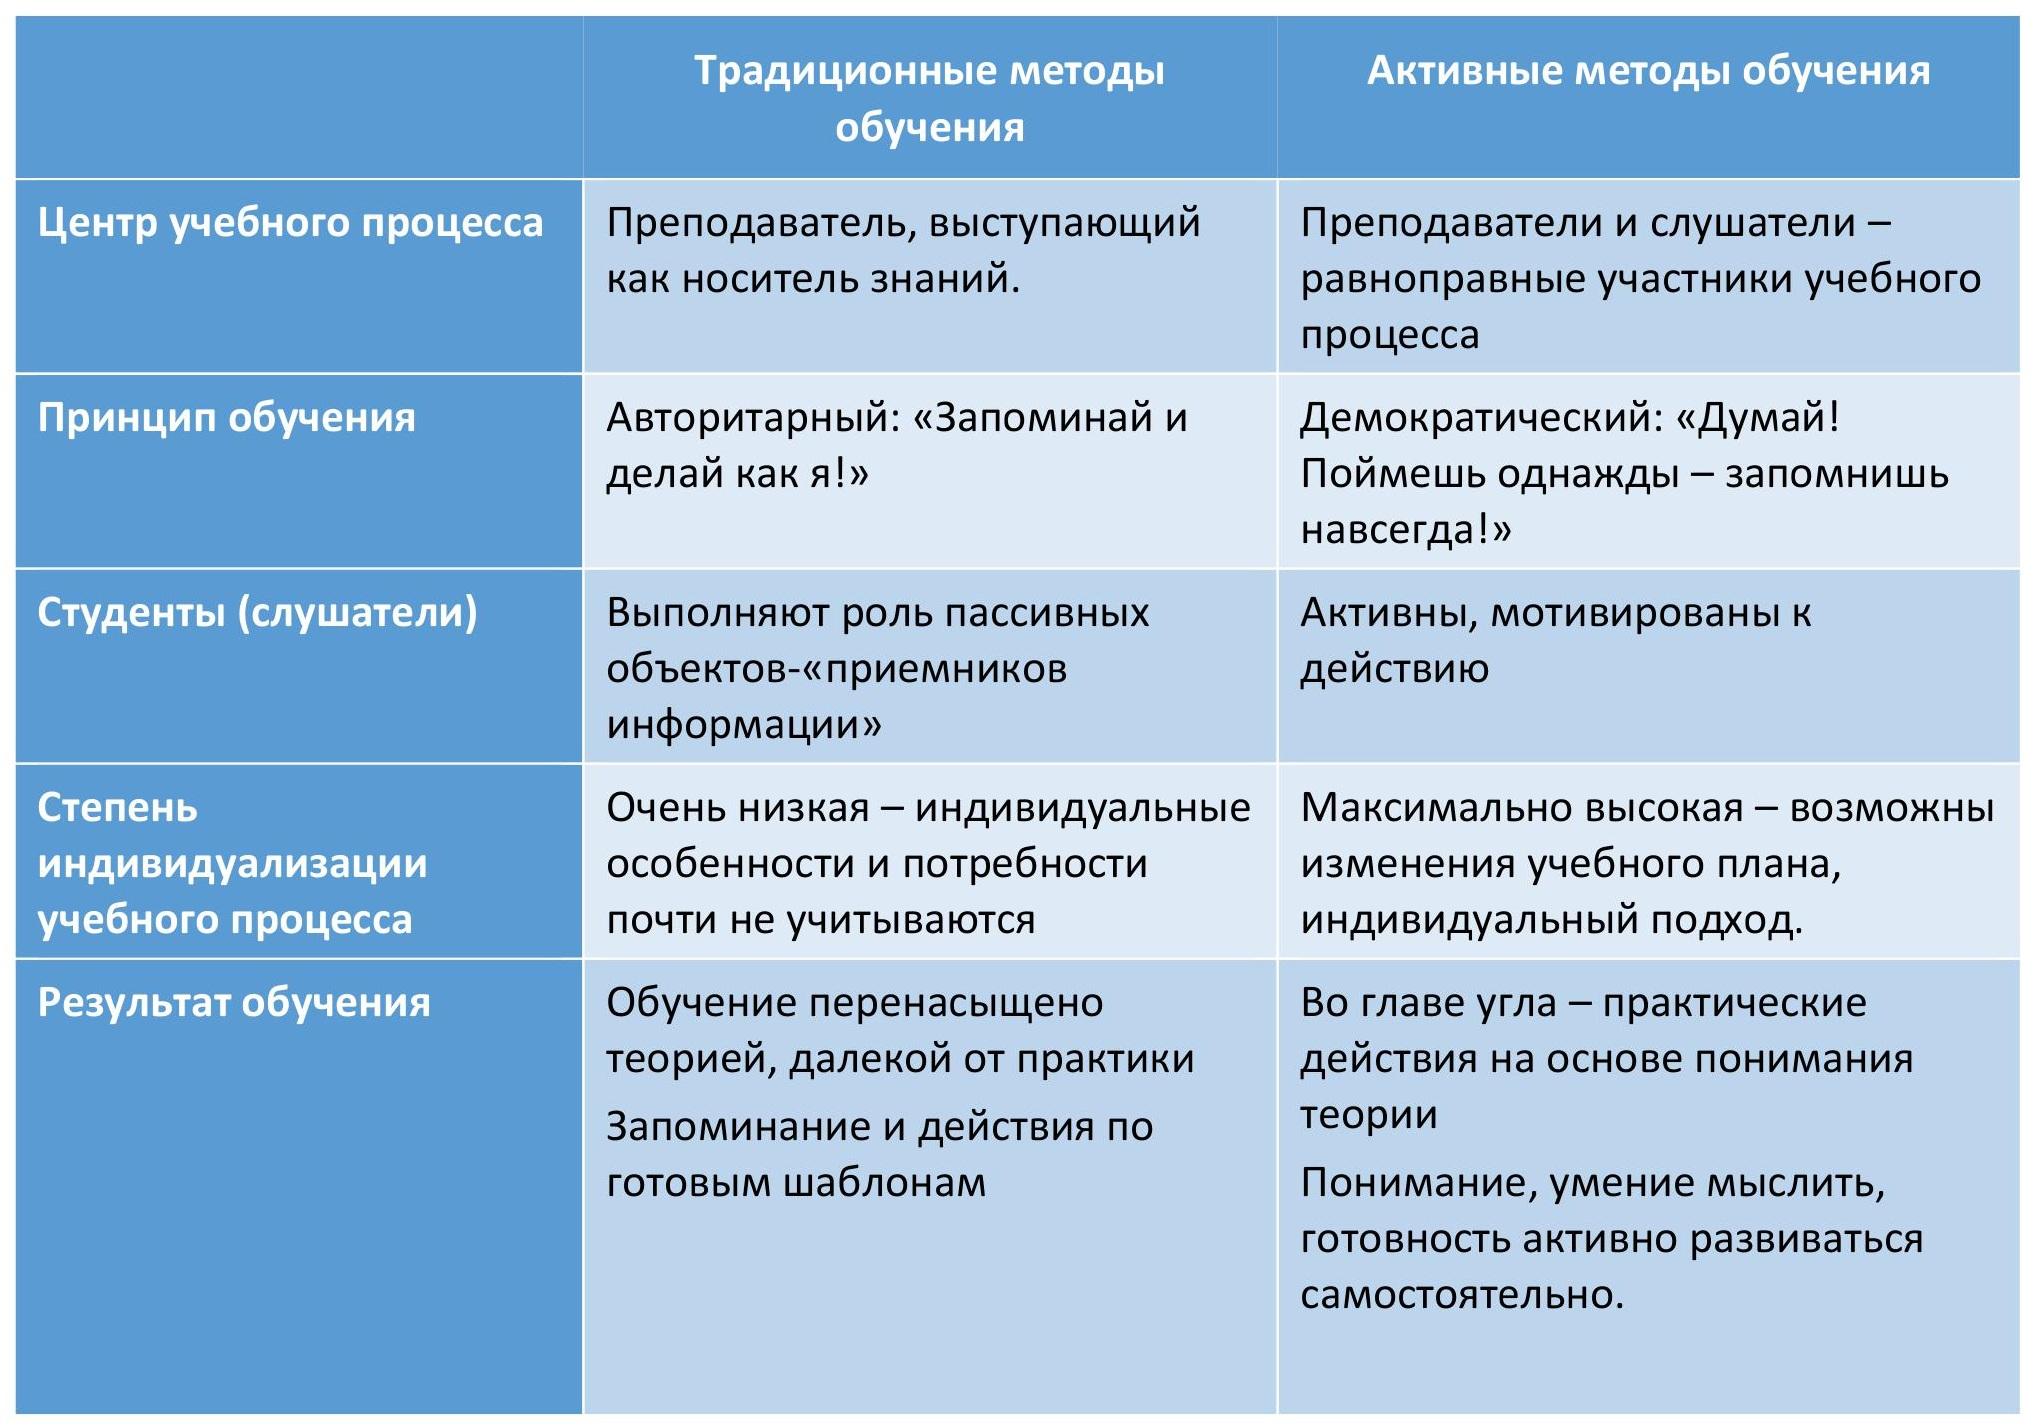 Сравнение методик обучения